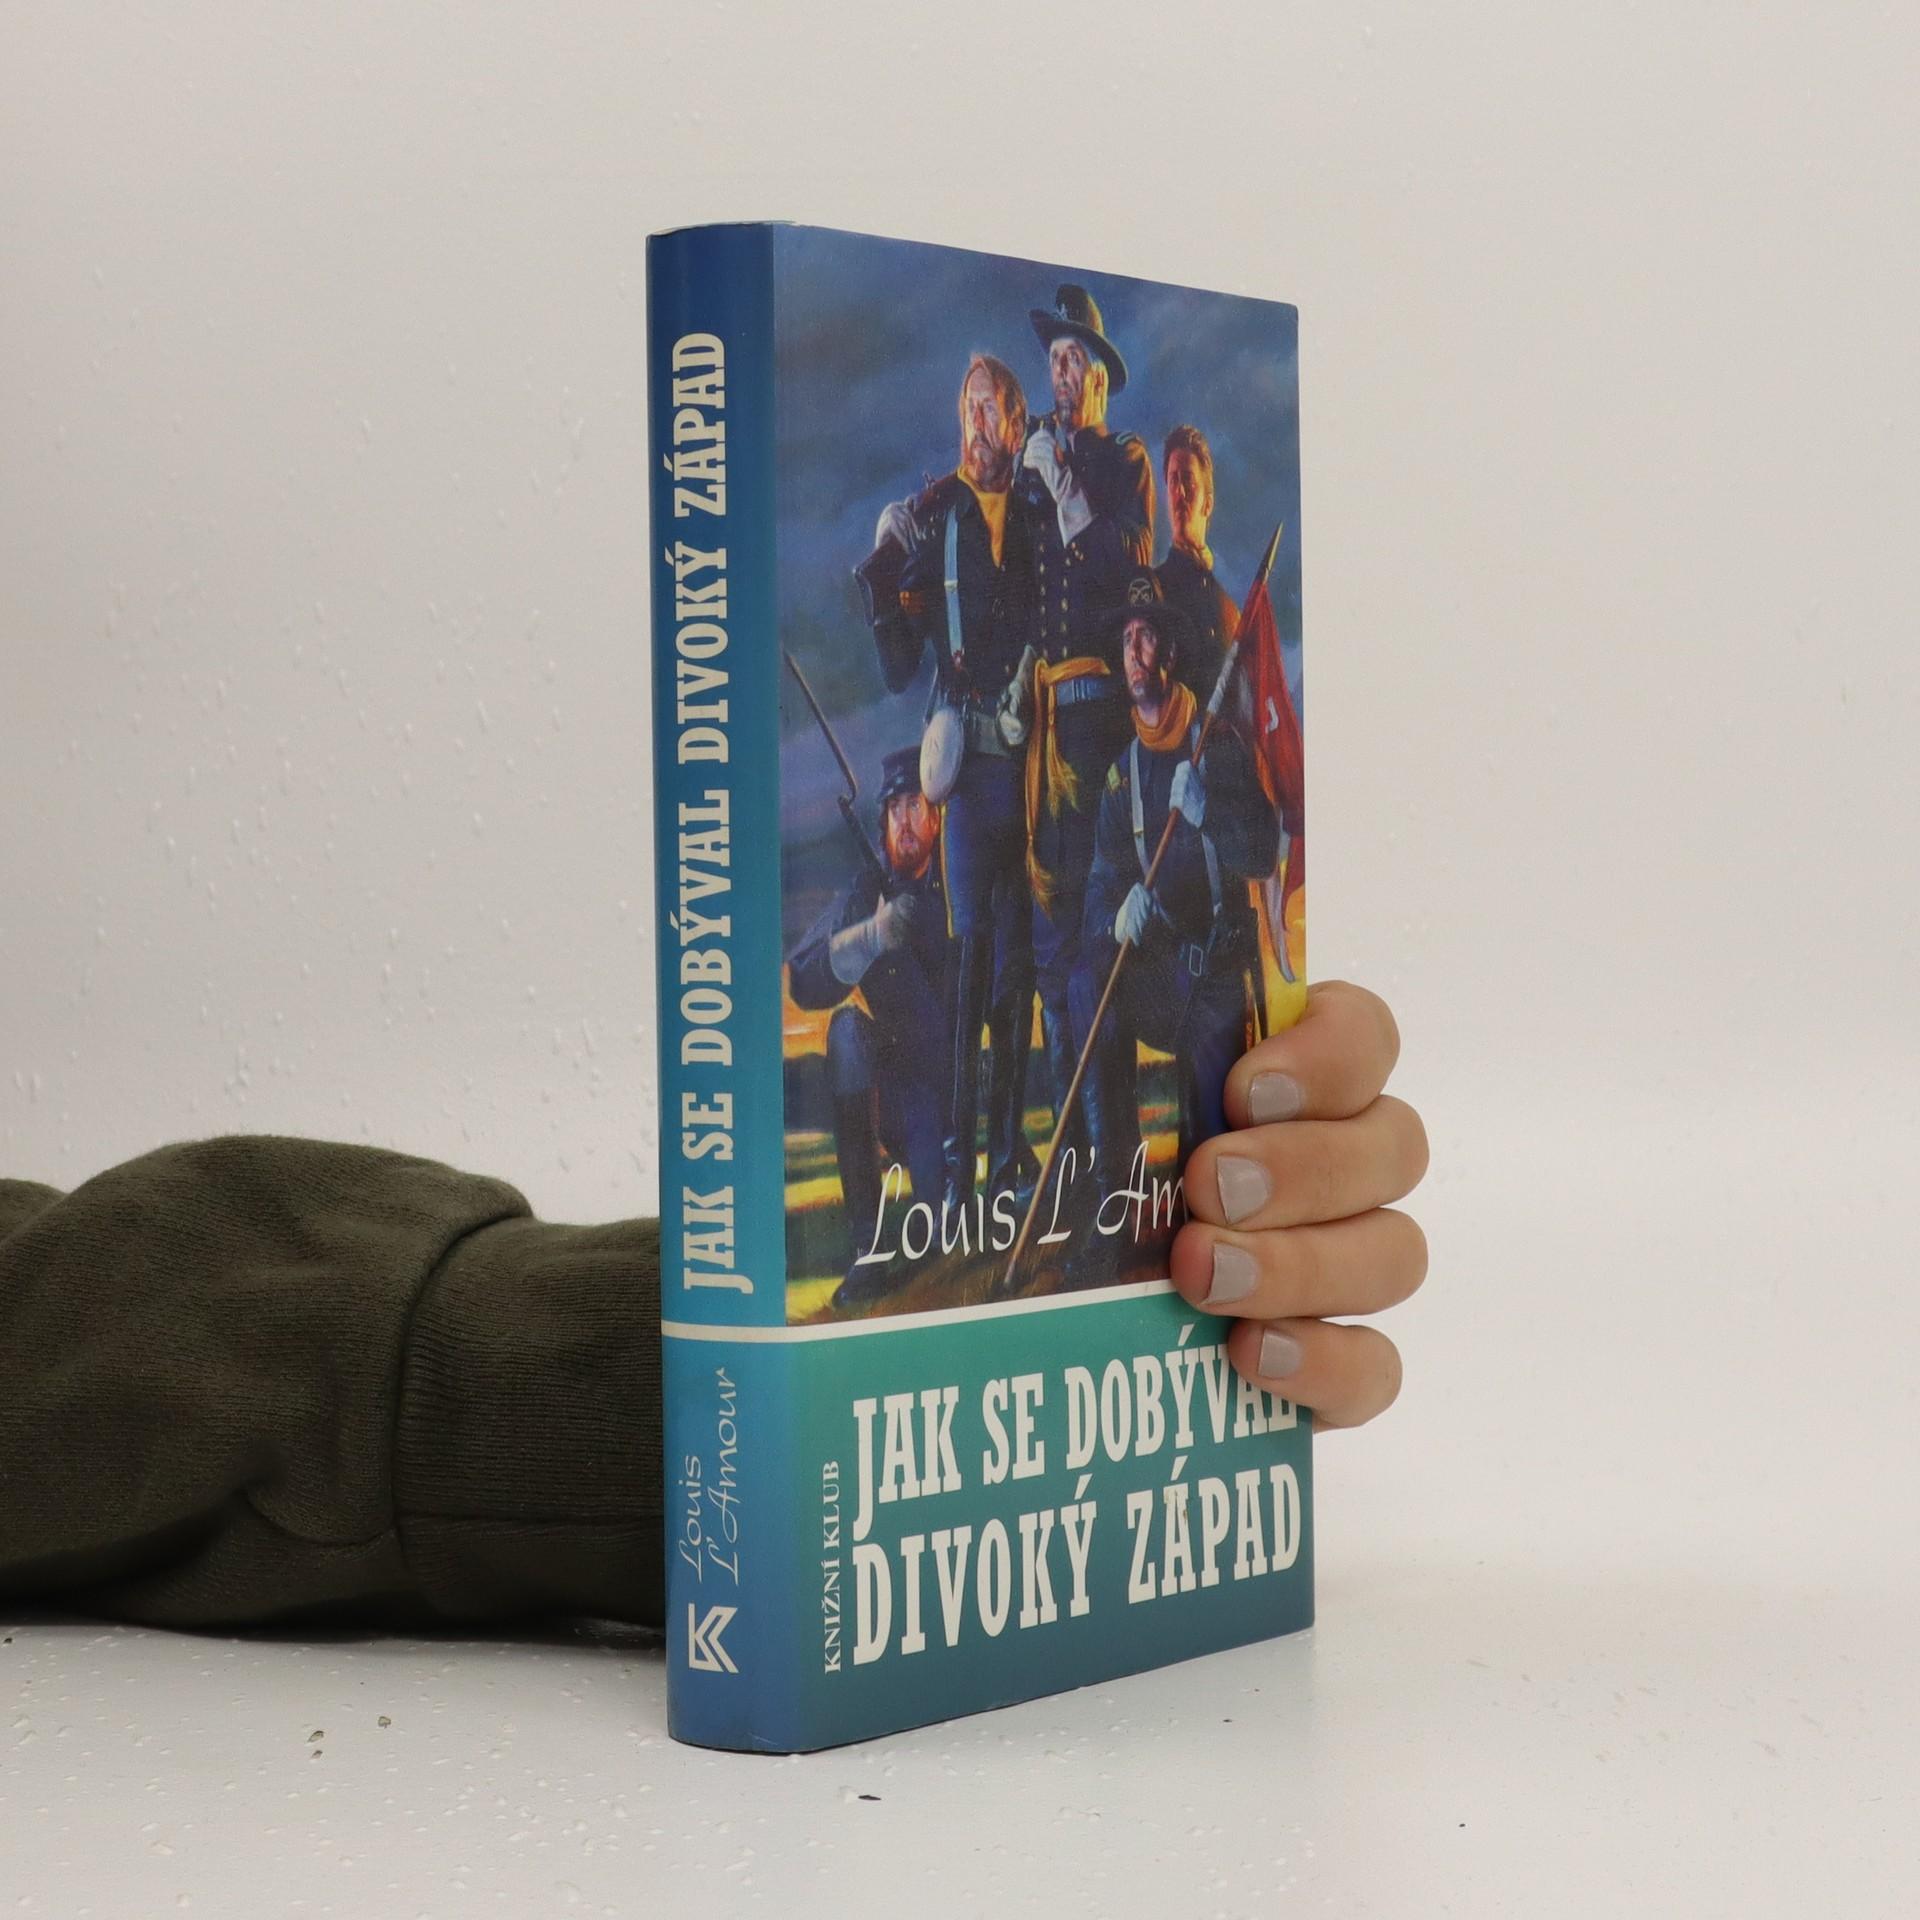 antikvární kniha Jak se dobýval Divoký západ, 1996